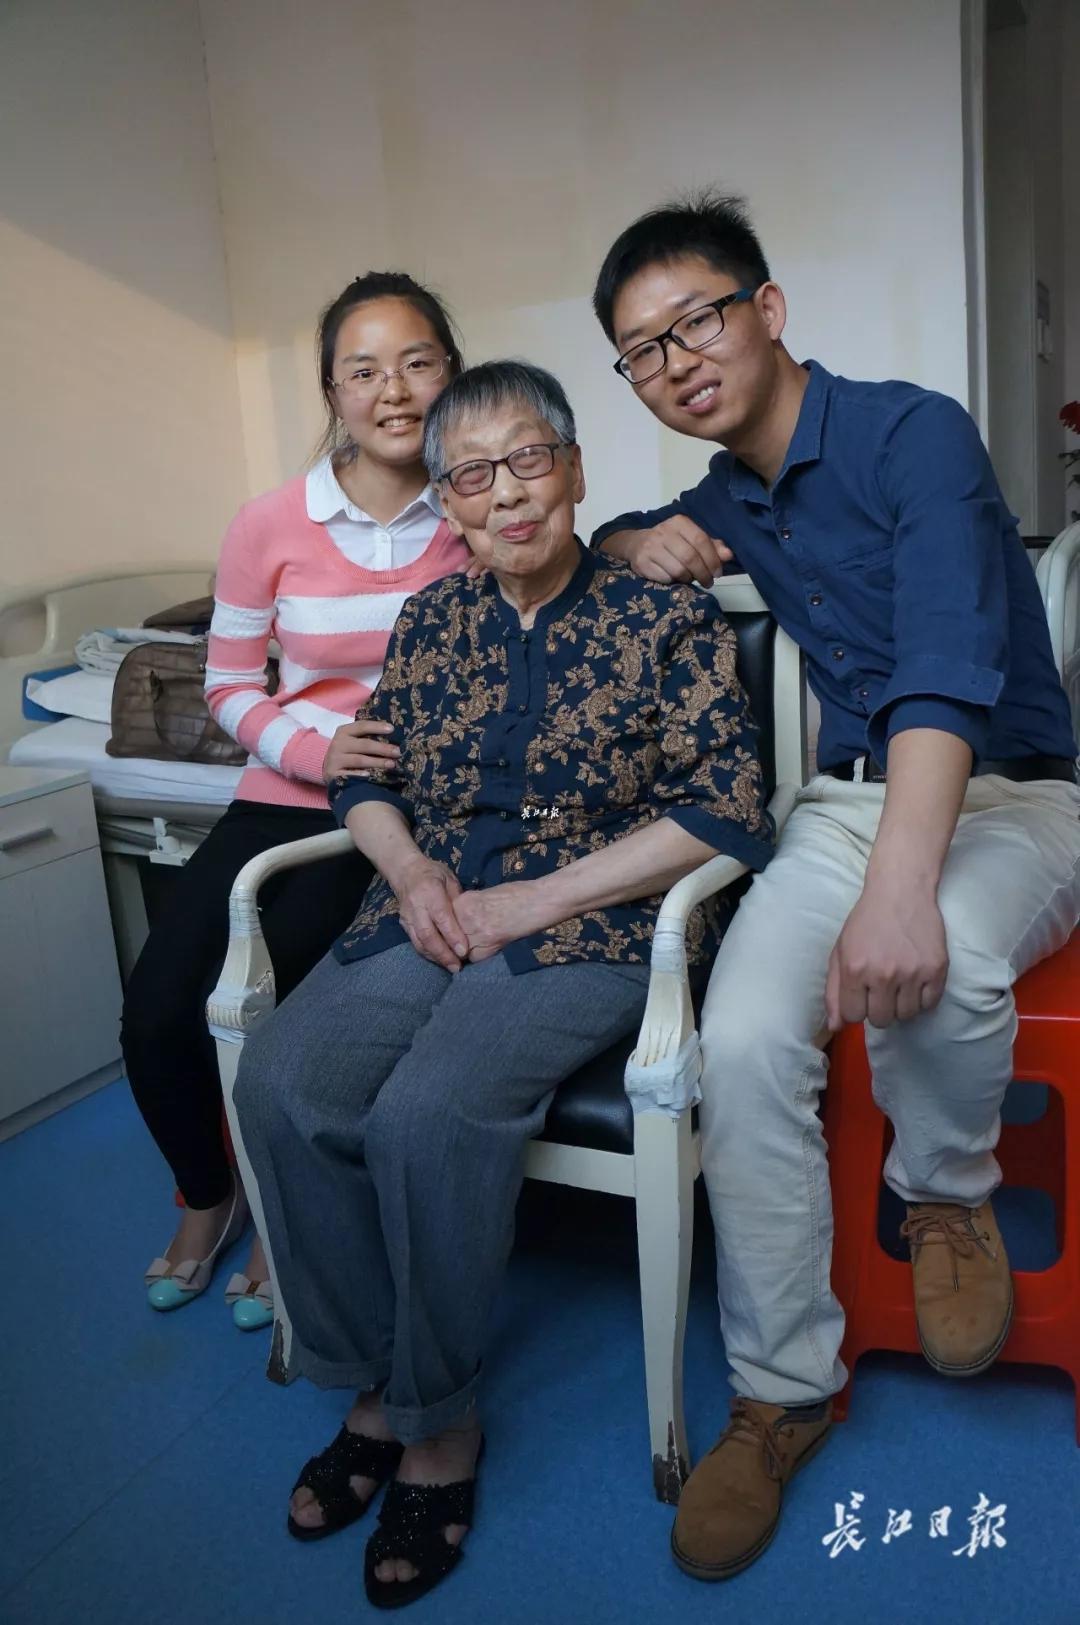 91岁大学老师从一块银元开始助学 20多年舍不得买一件新衣